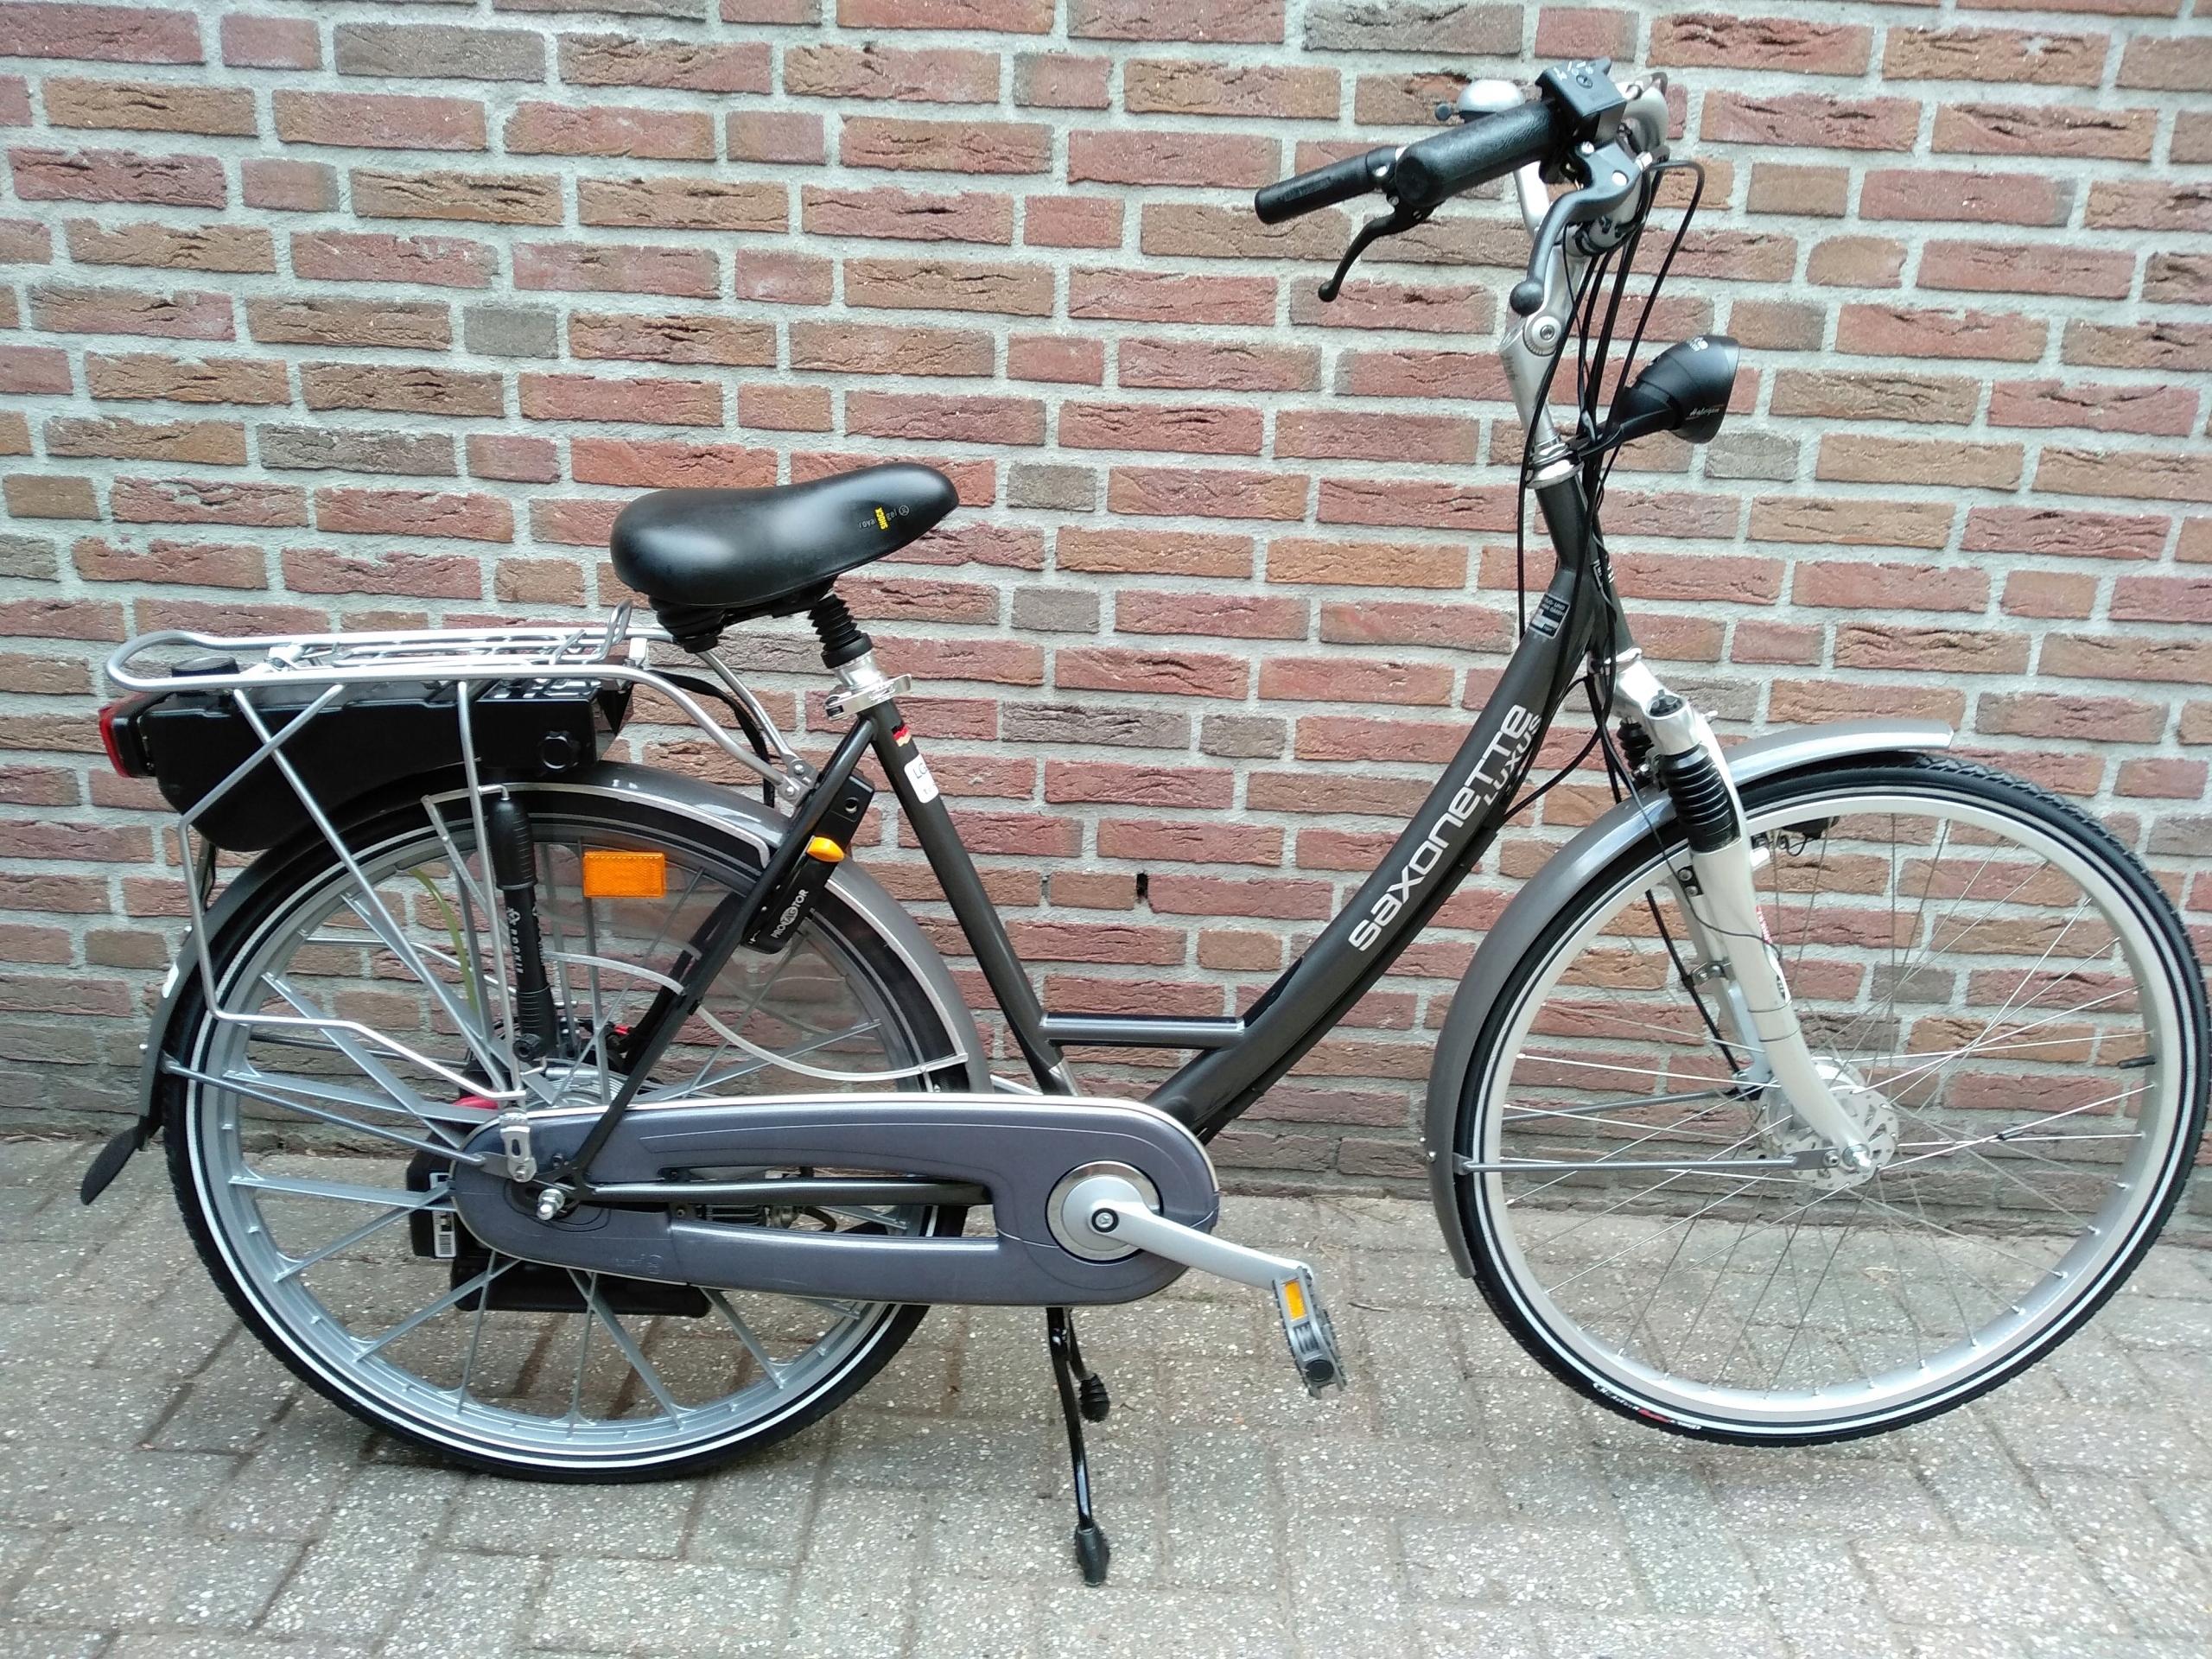 Rower z silnikiem sachs spartamet saxonette